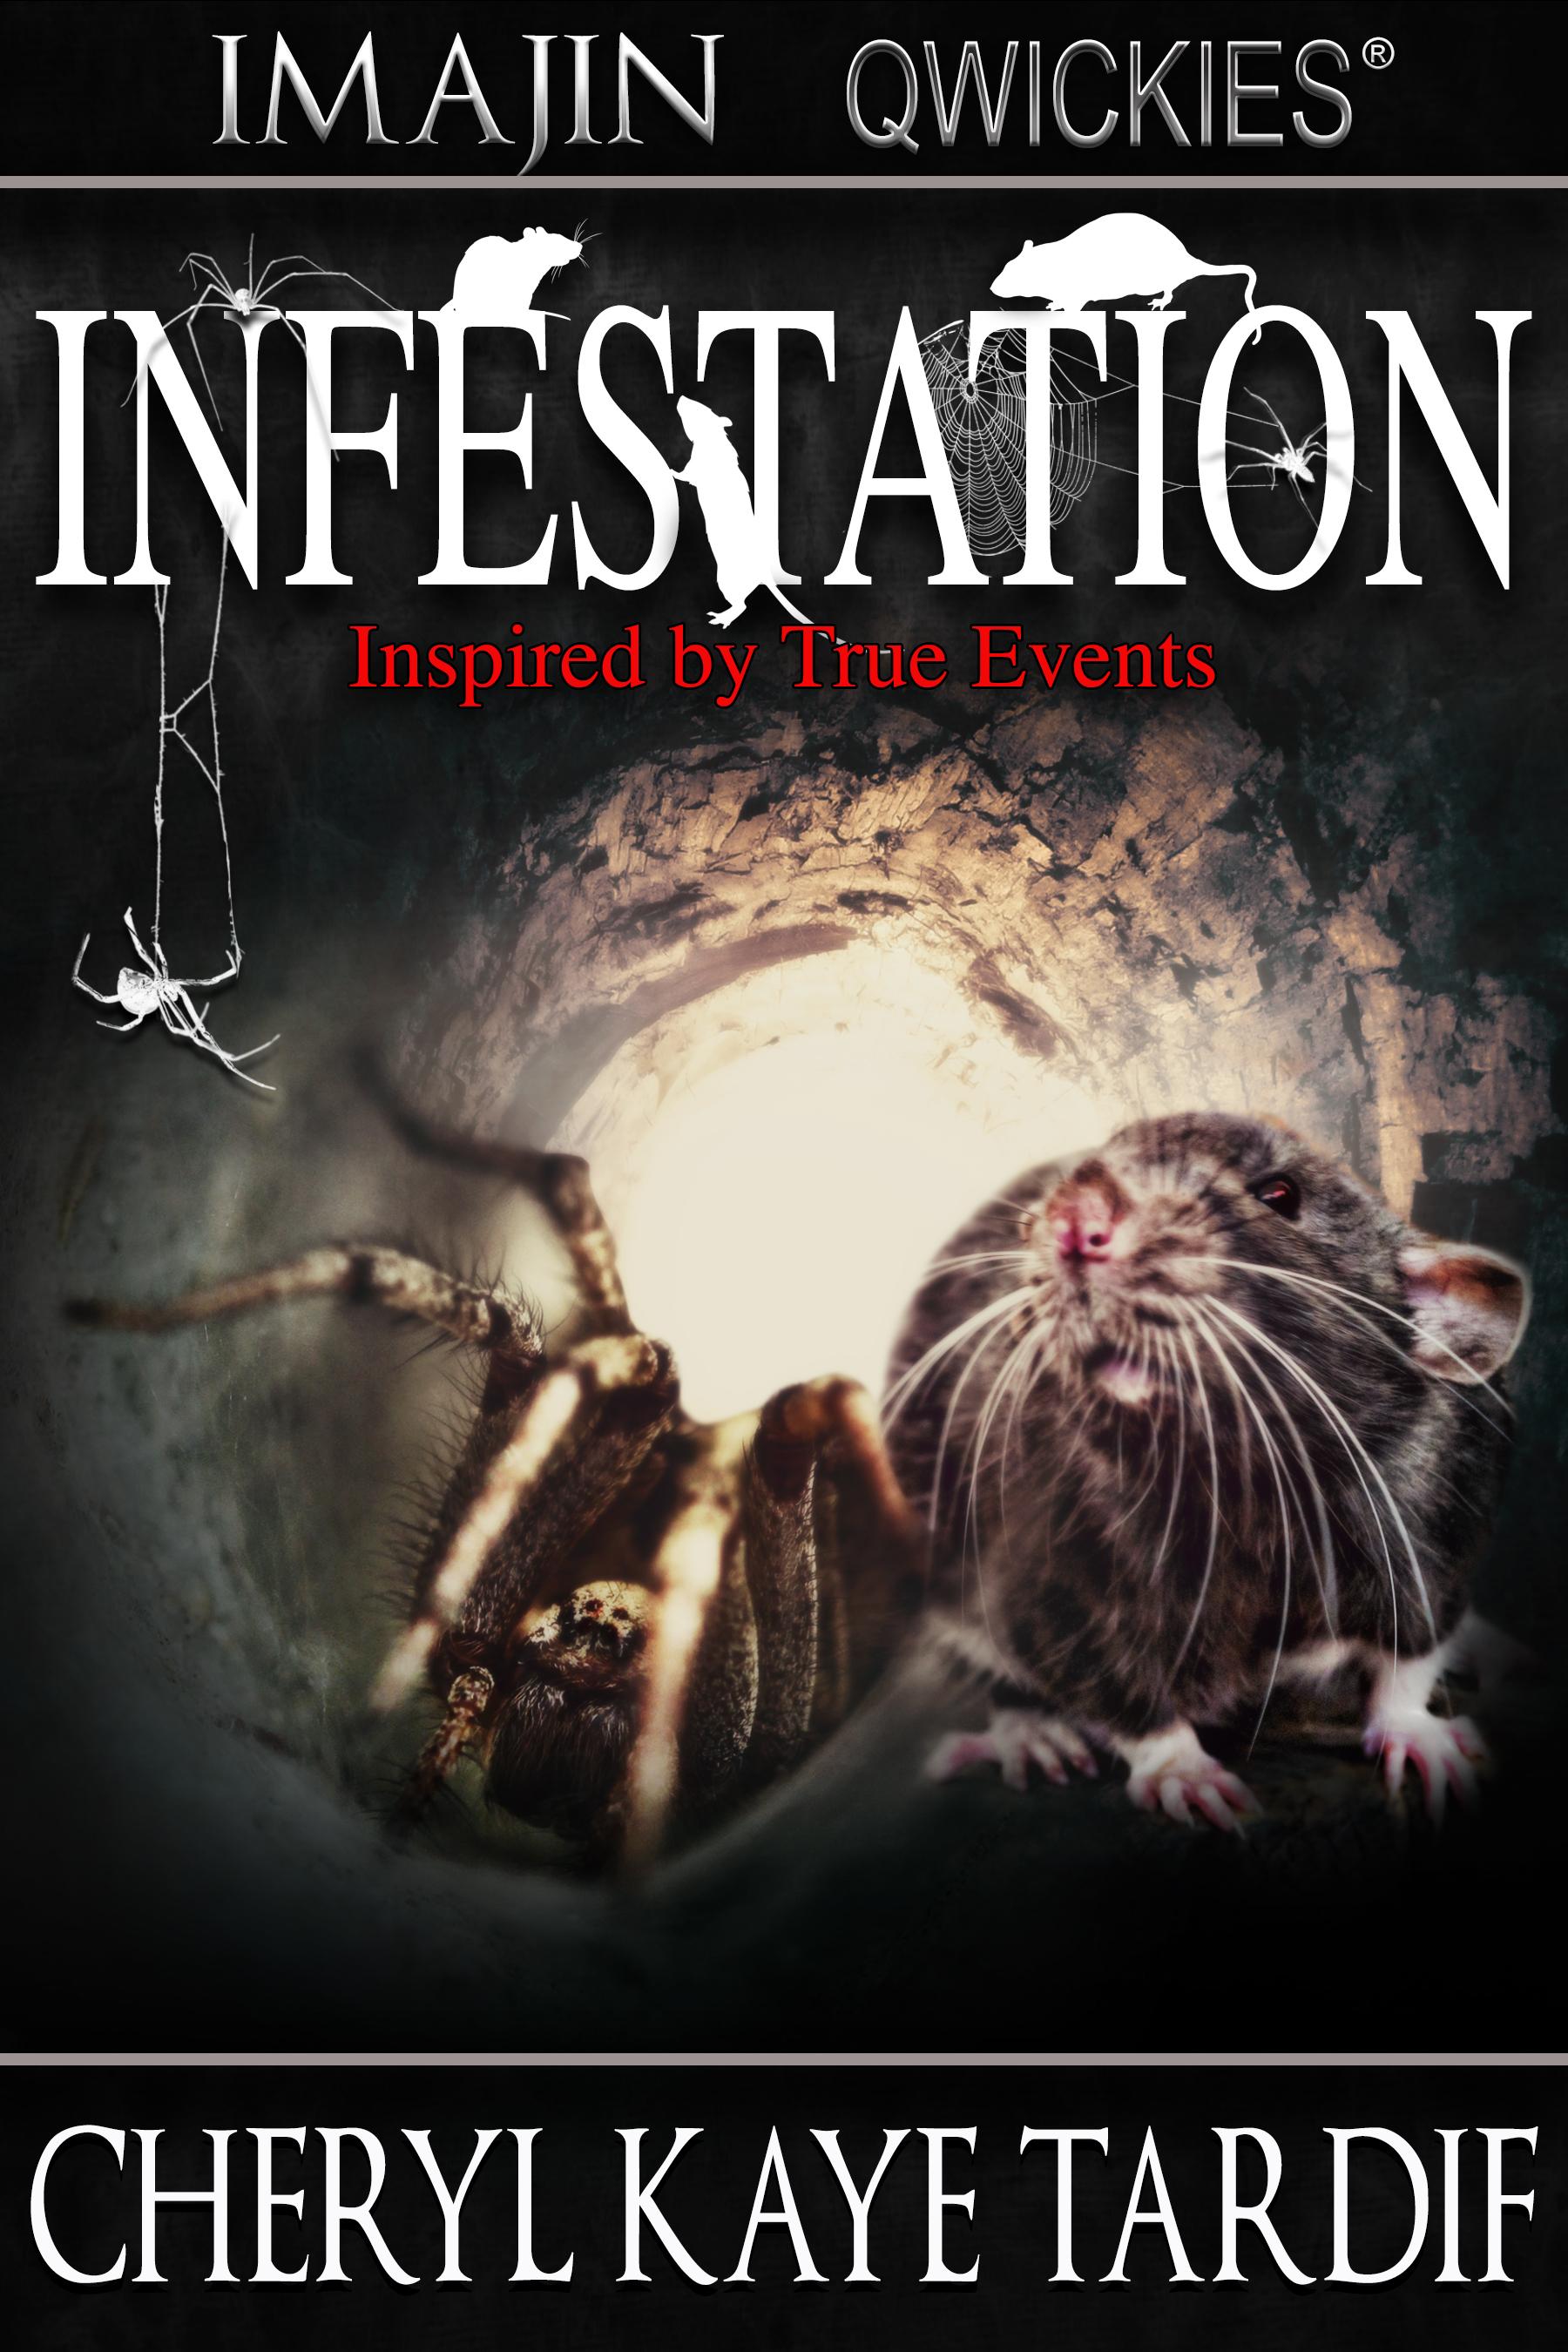 Infestation by Cheryl Kaye Tardif